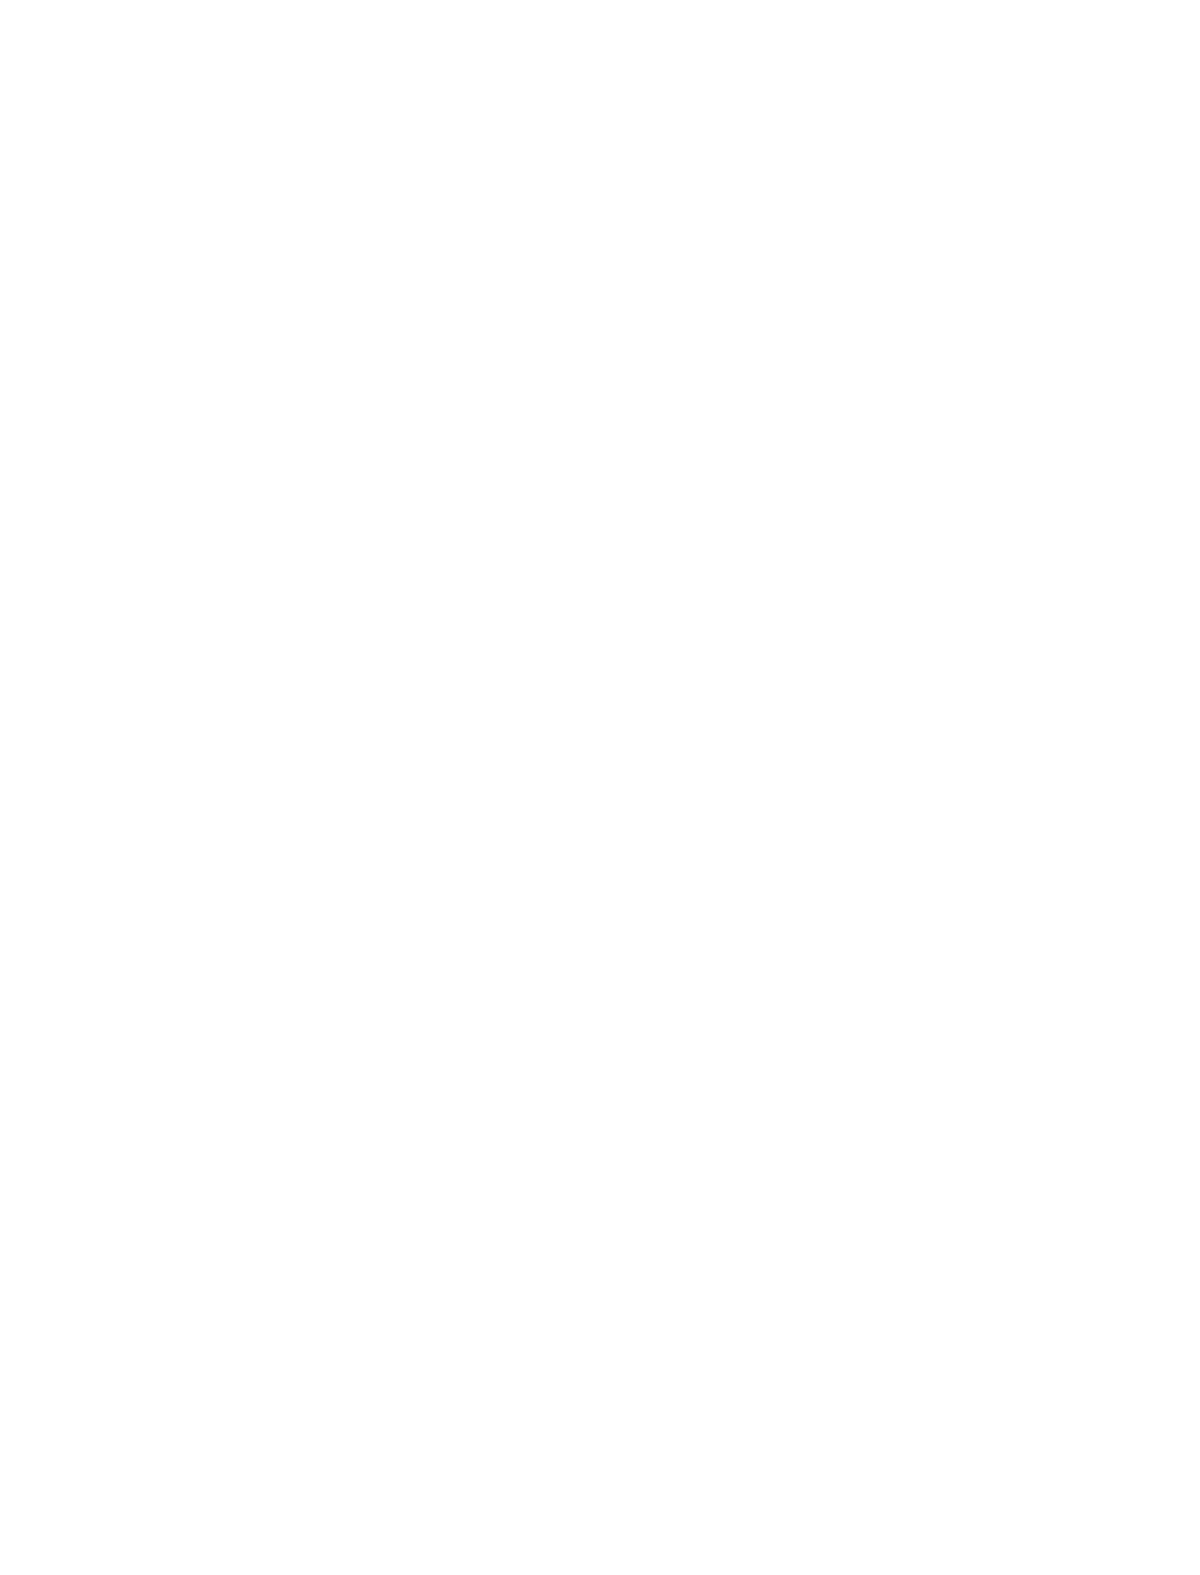 2016年世界发展报告-数字红利_000002